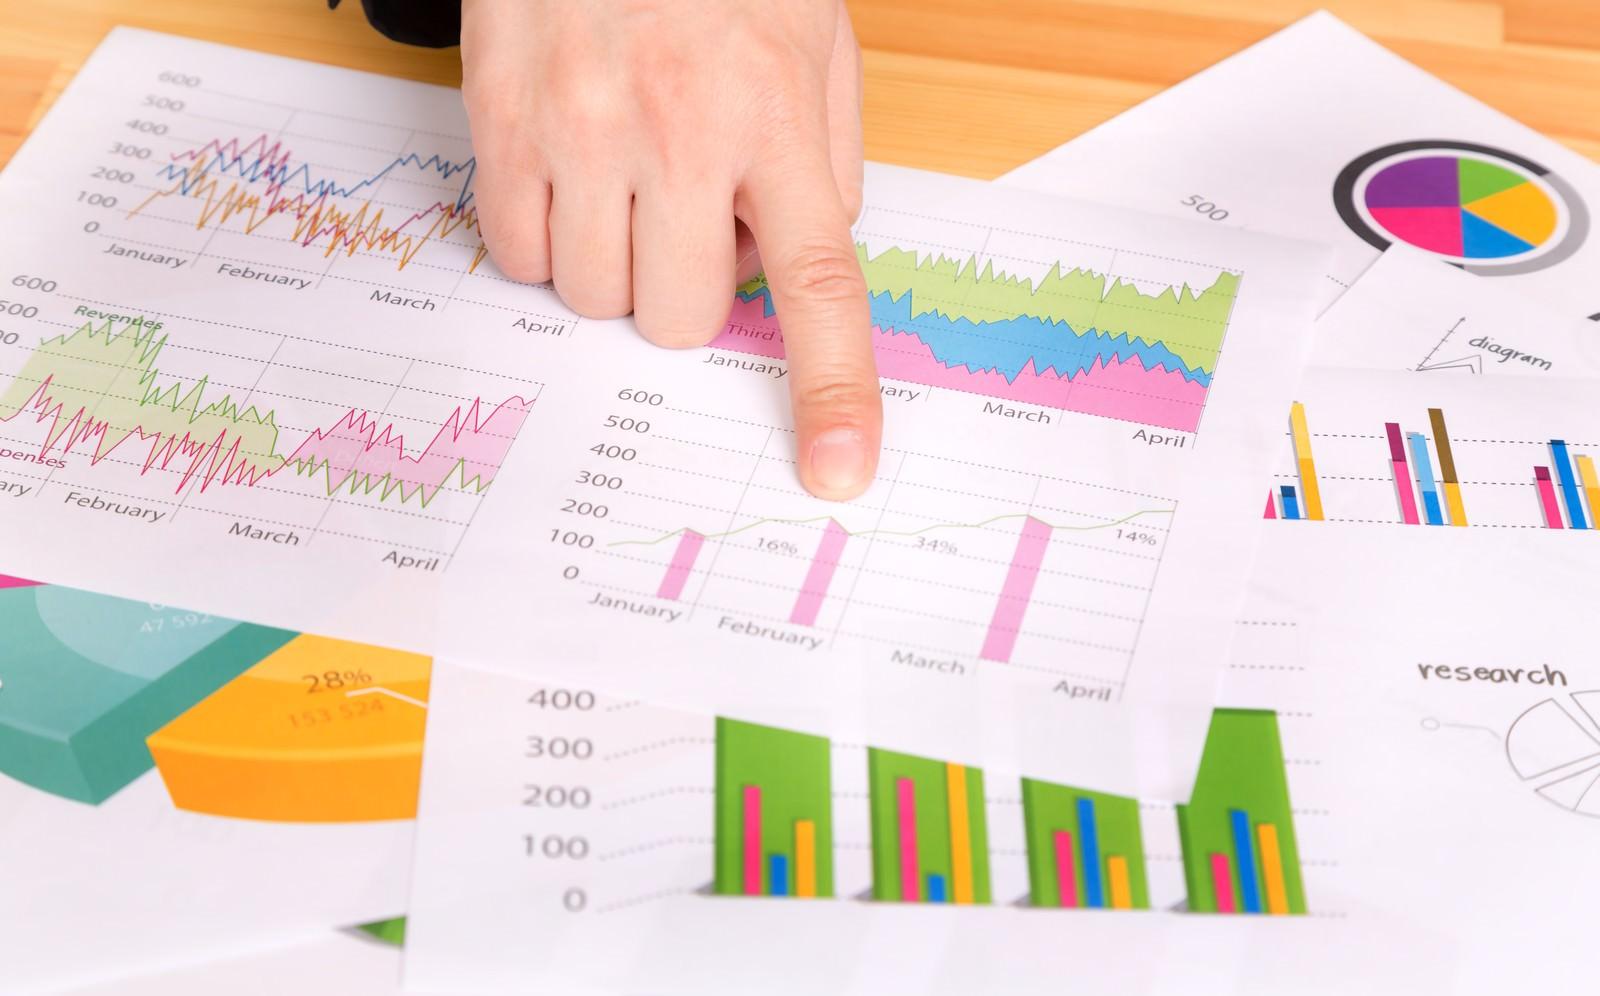 「グラフが書かれたプレゼン資料を指さすグラフが書かれたプレゼン資料を指さす」のフリー写真素材を拡大